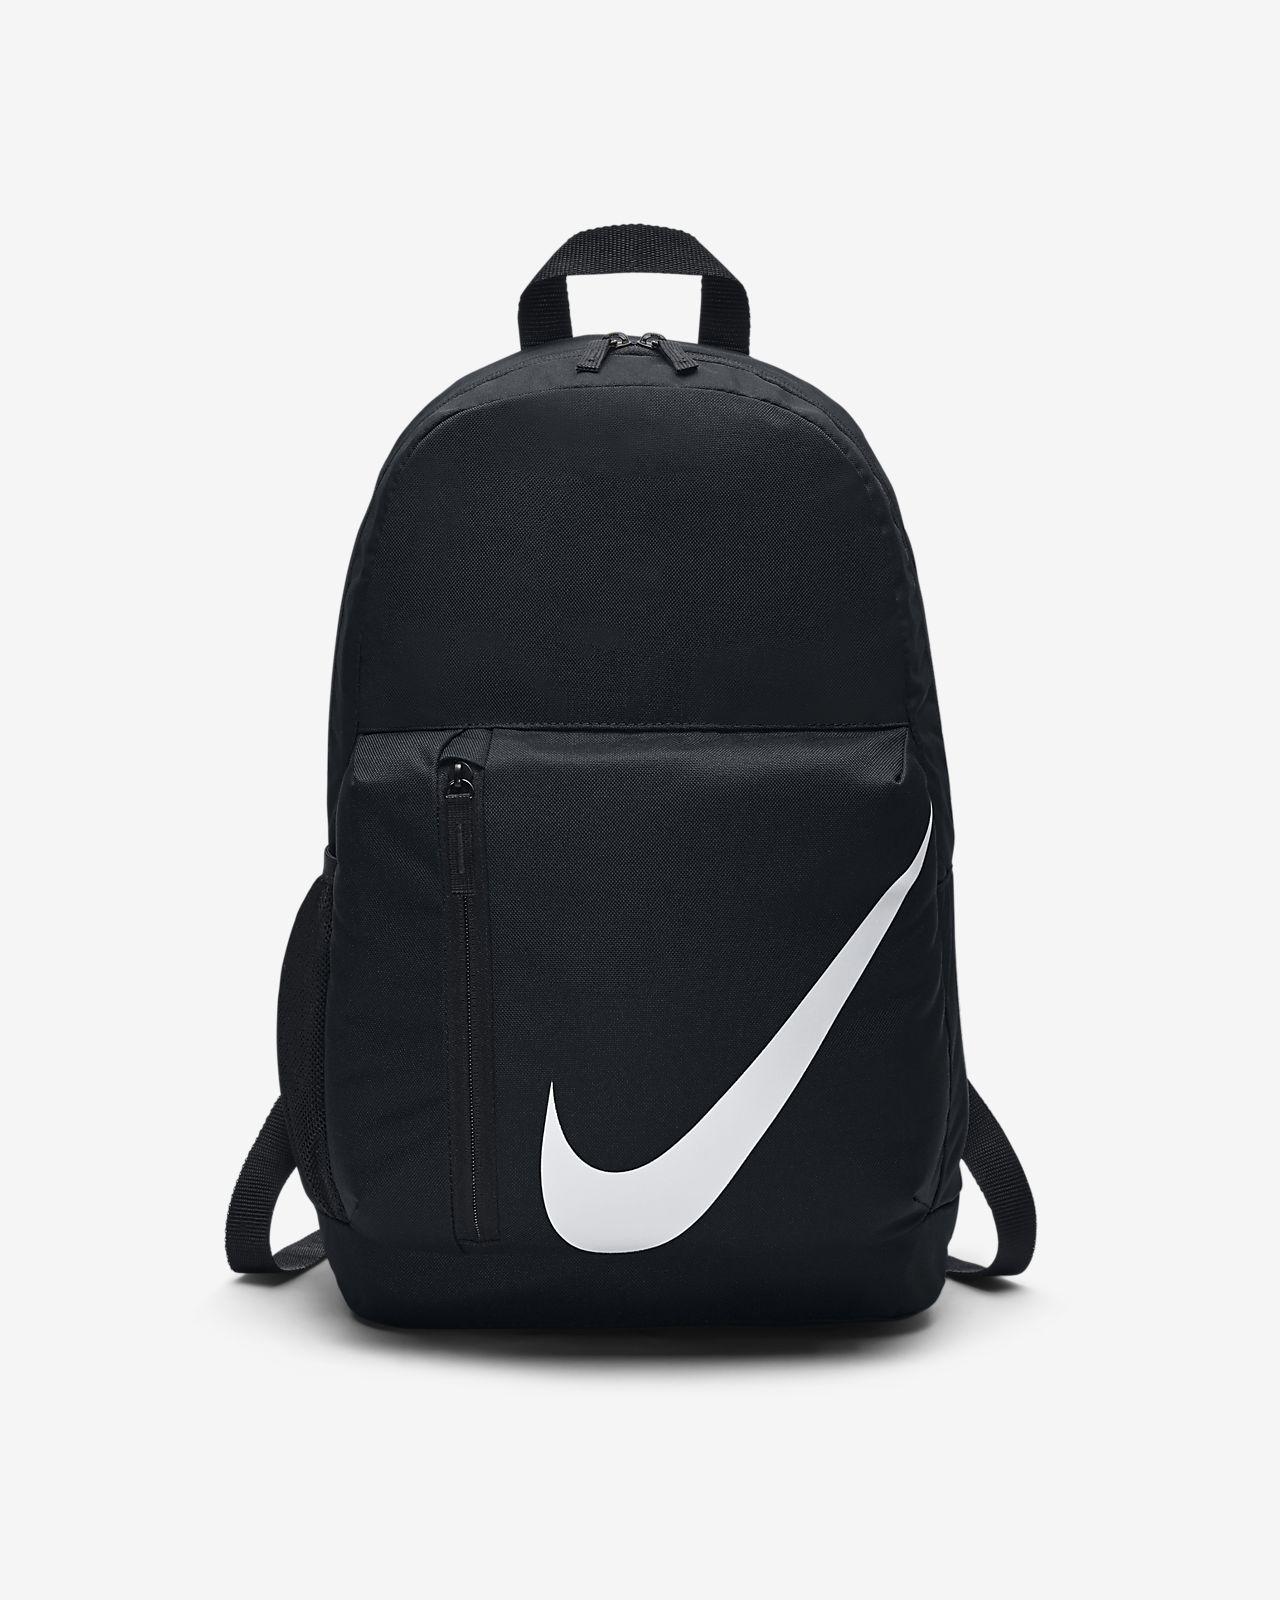 7fe9aa178398 Nike Elemental Kids  Backpack. Nike.com LU